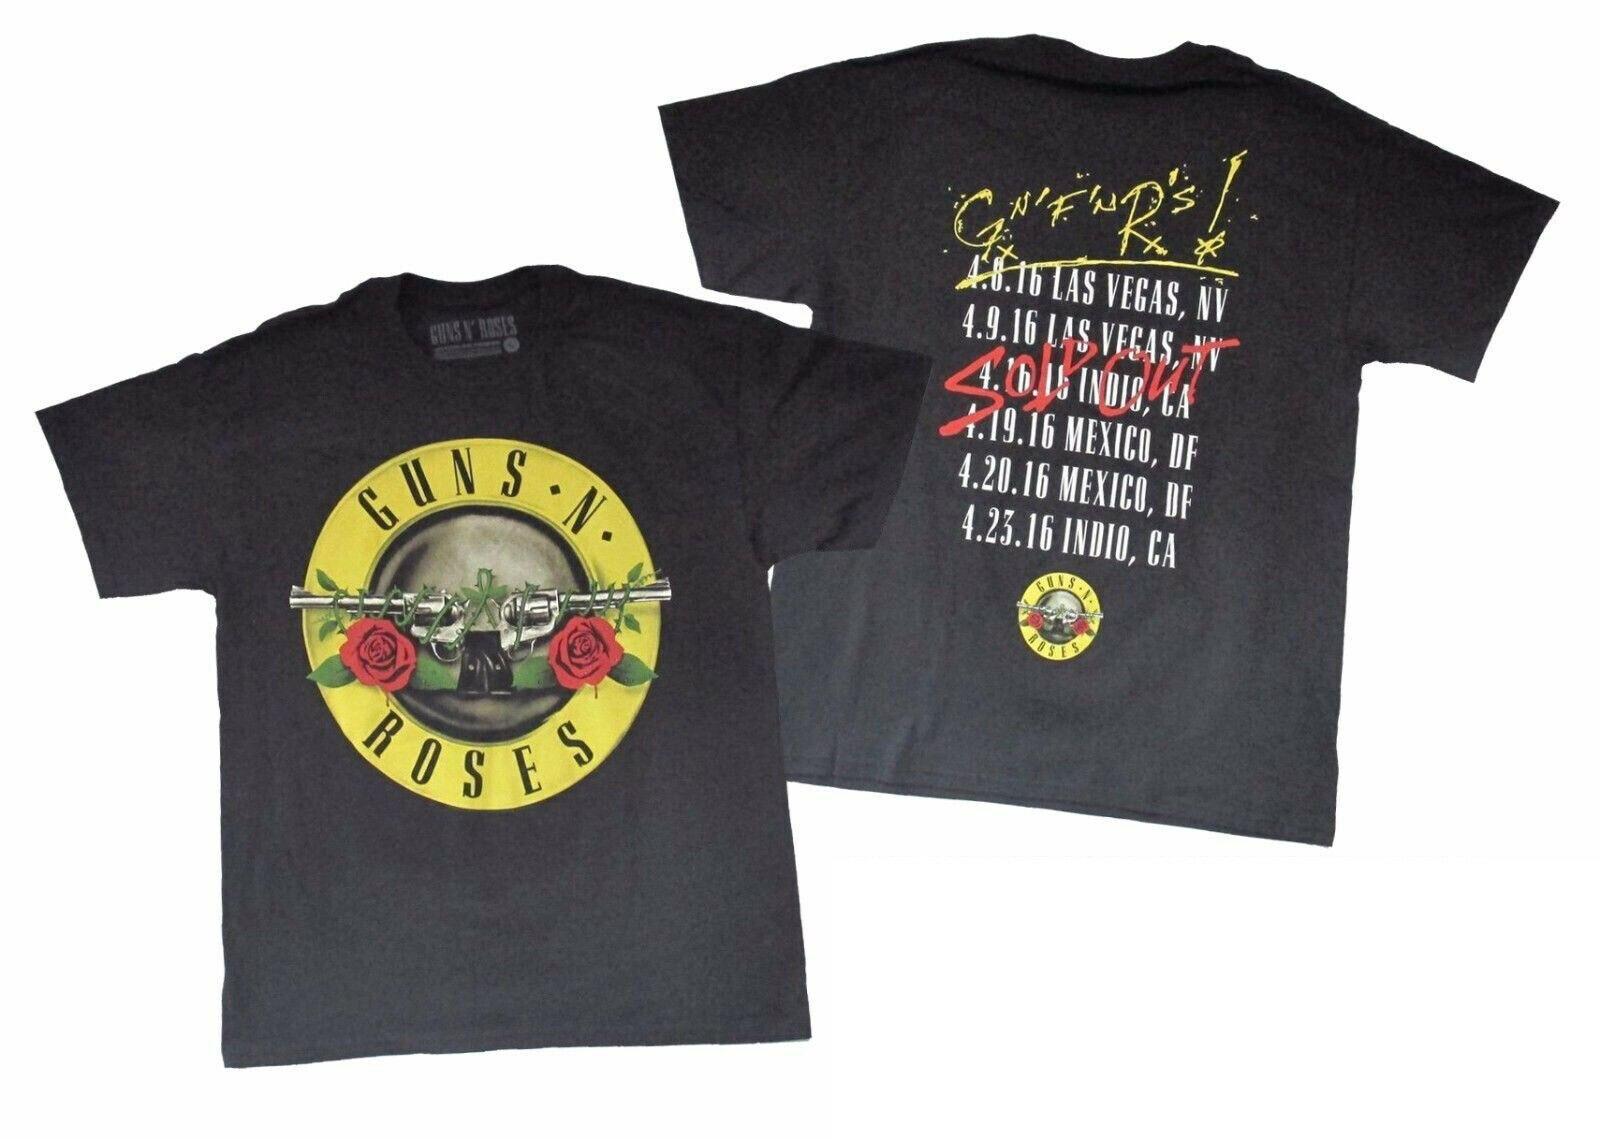 Camiseta de Guns N Roses con Logo de Bullet Seal, Tour de por vida auténtico 2016 vendido S 3X